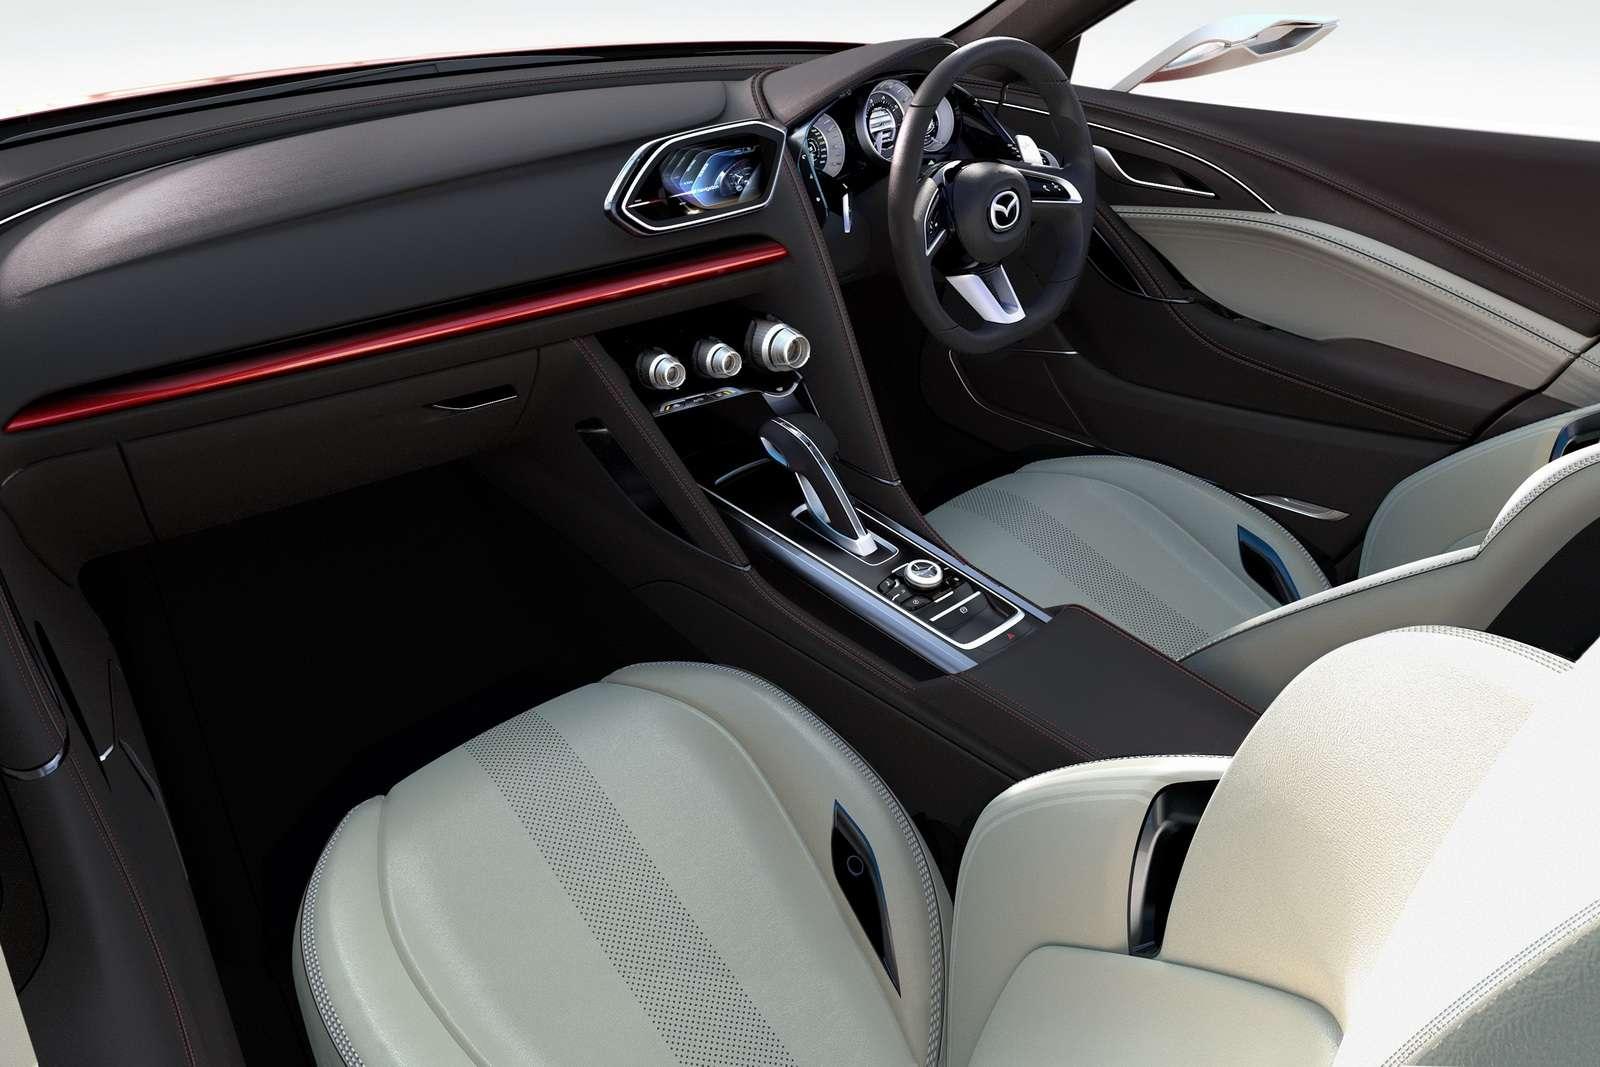 Mazda Takeri 6 tokio przed fot pazdziernik 2011